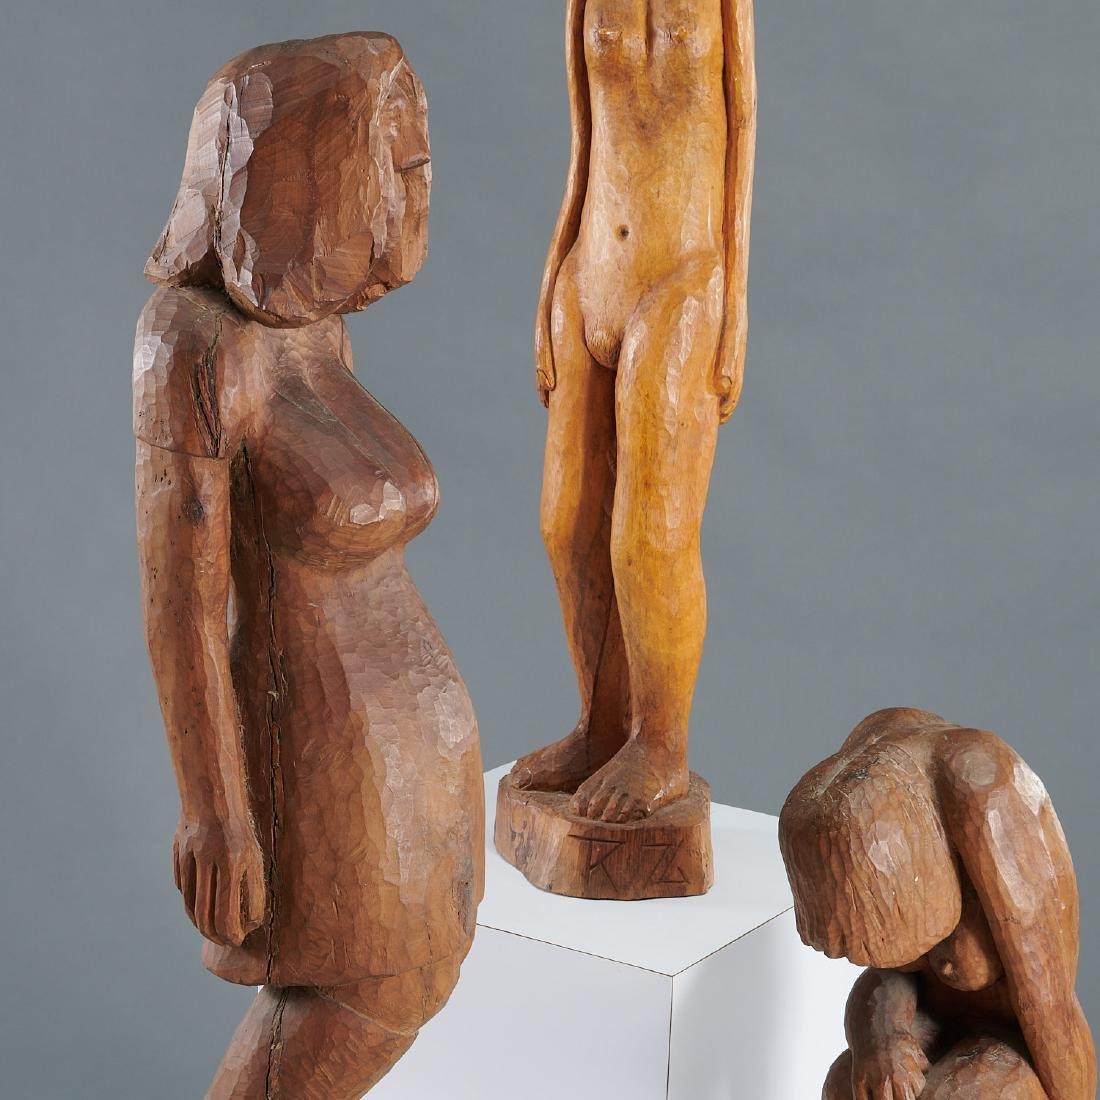 Kresimir Trumbetas, (3) sculptures - 5